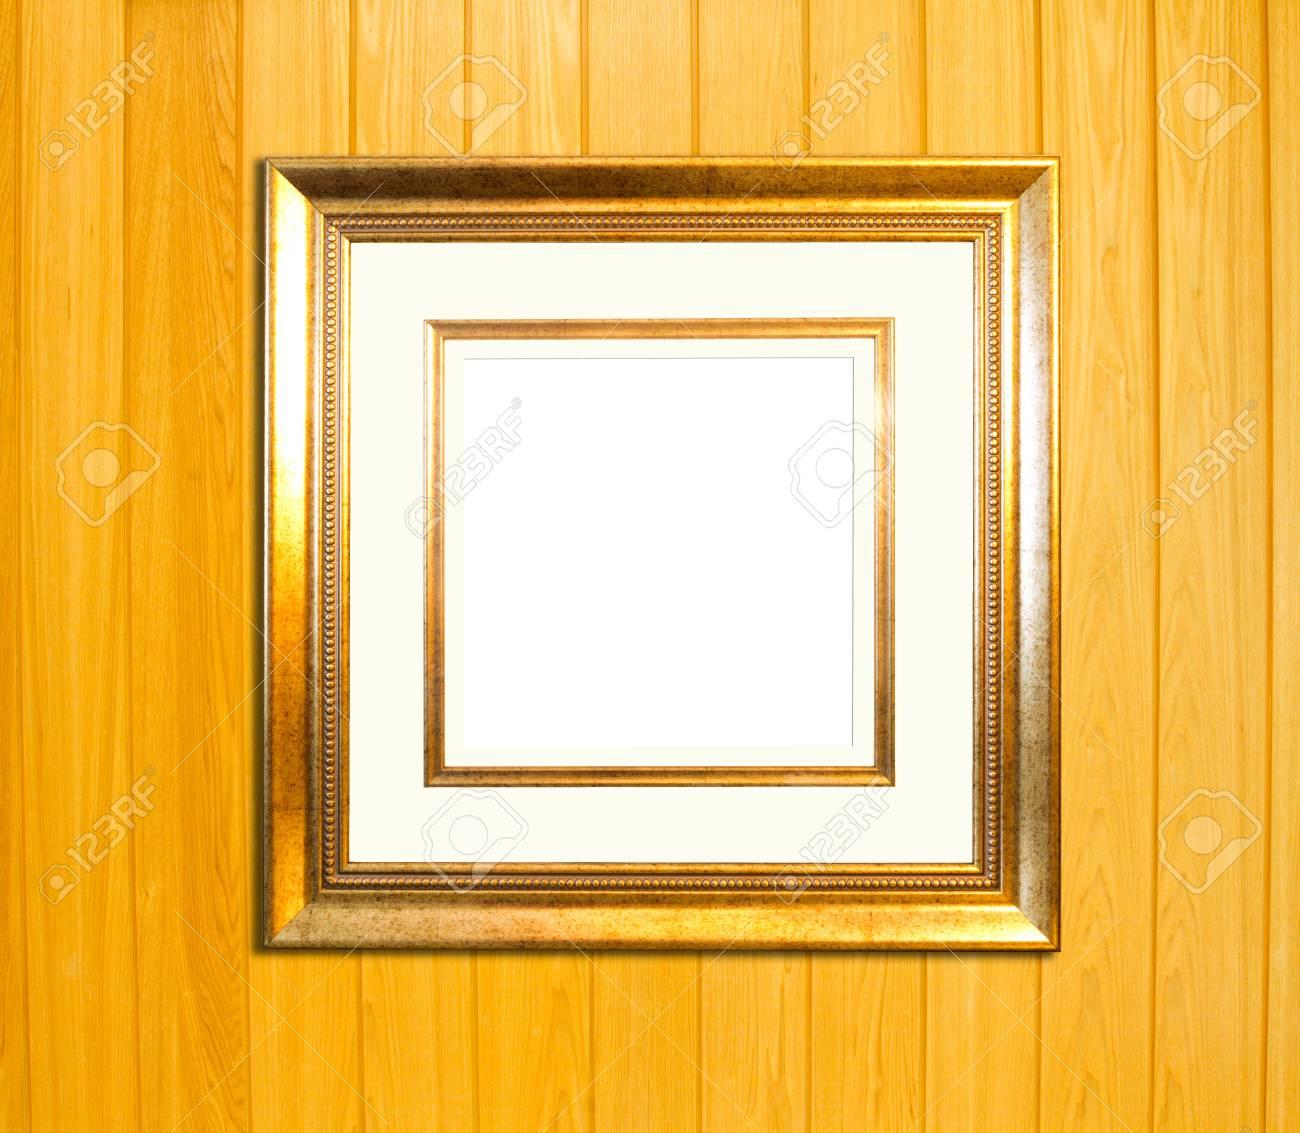 Goldweinlese Bilderrahmen, Holz Vergoldet, Holz Hintergrund ...